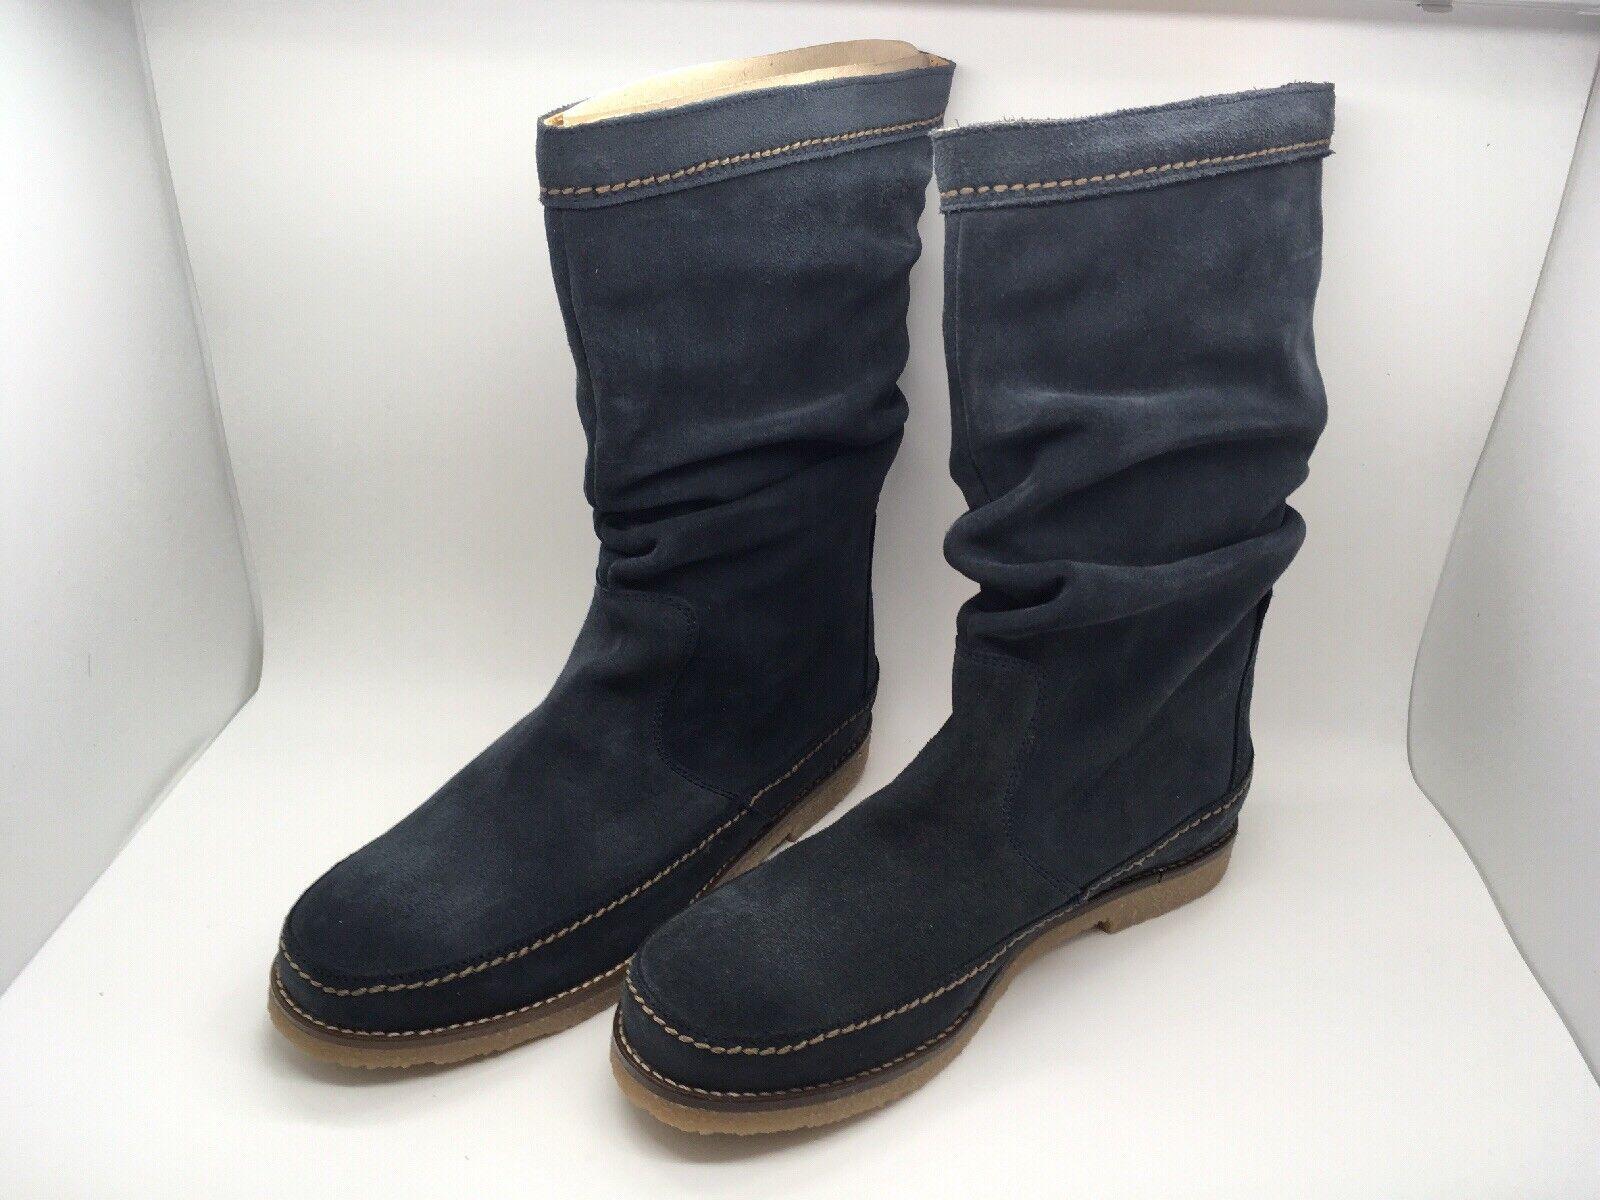 Stiefel BST neuves cuir Blau Pointure 38 EUR   6.5 US